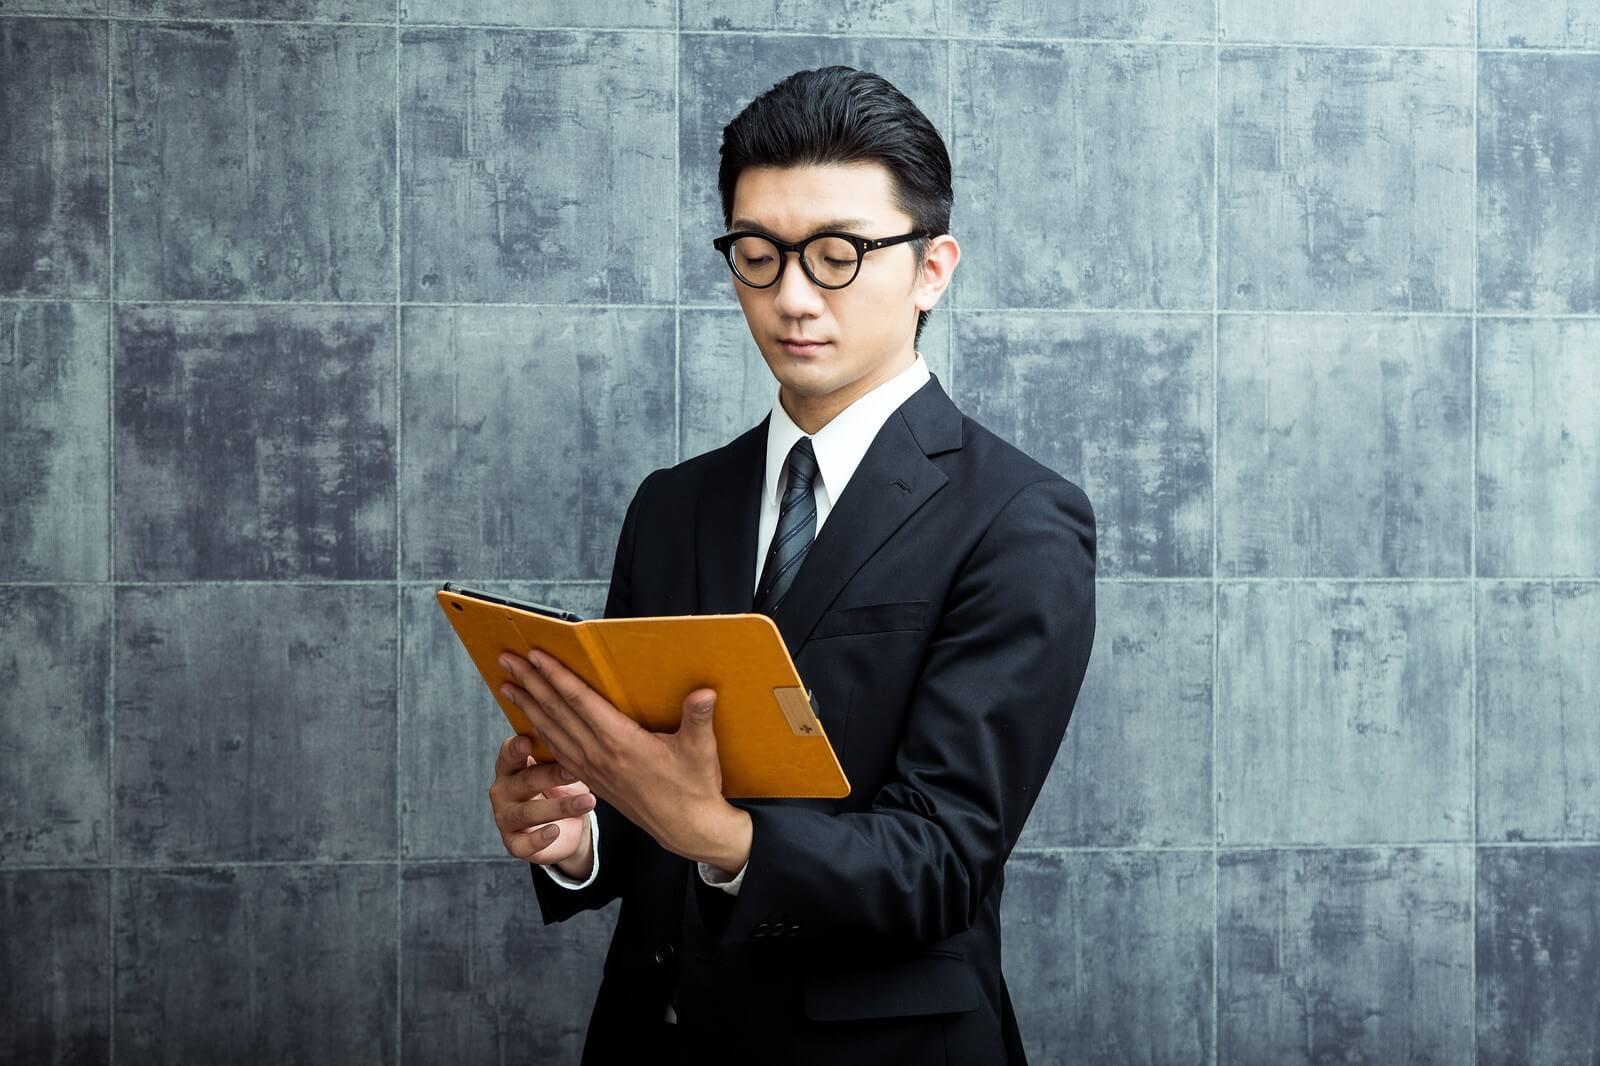 自己破産すると「破産者名簿」に名前が載る?戸籍への影響は?